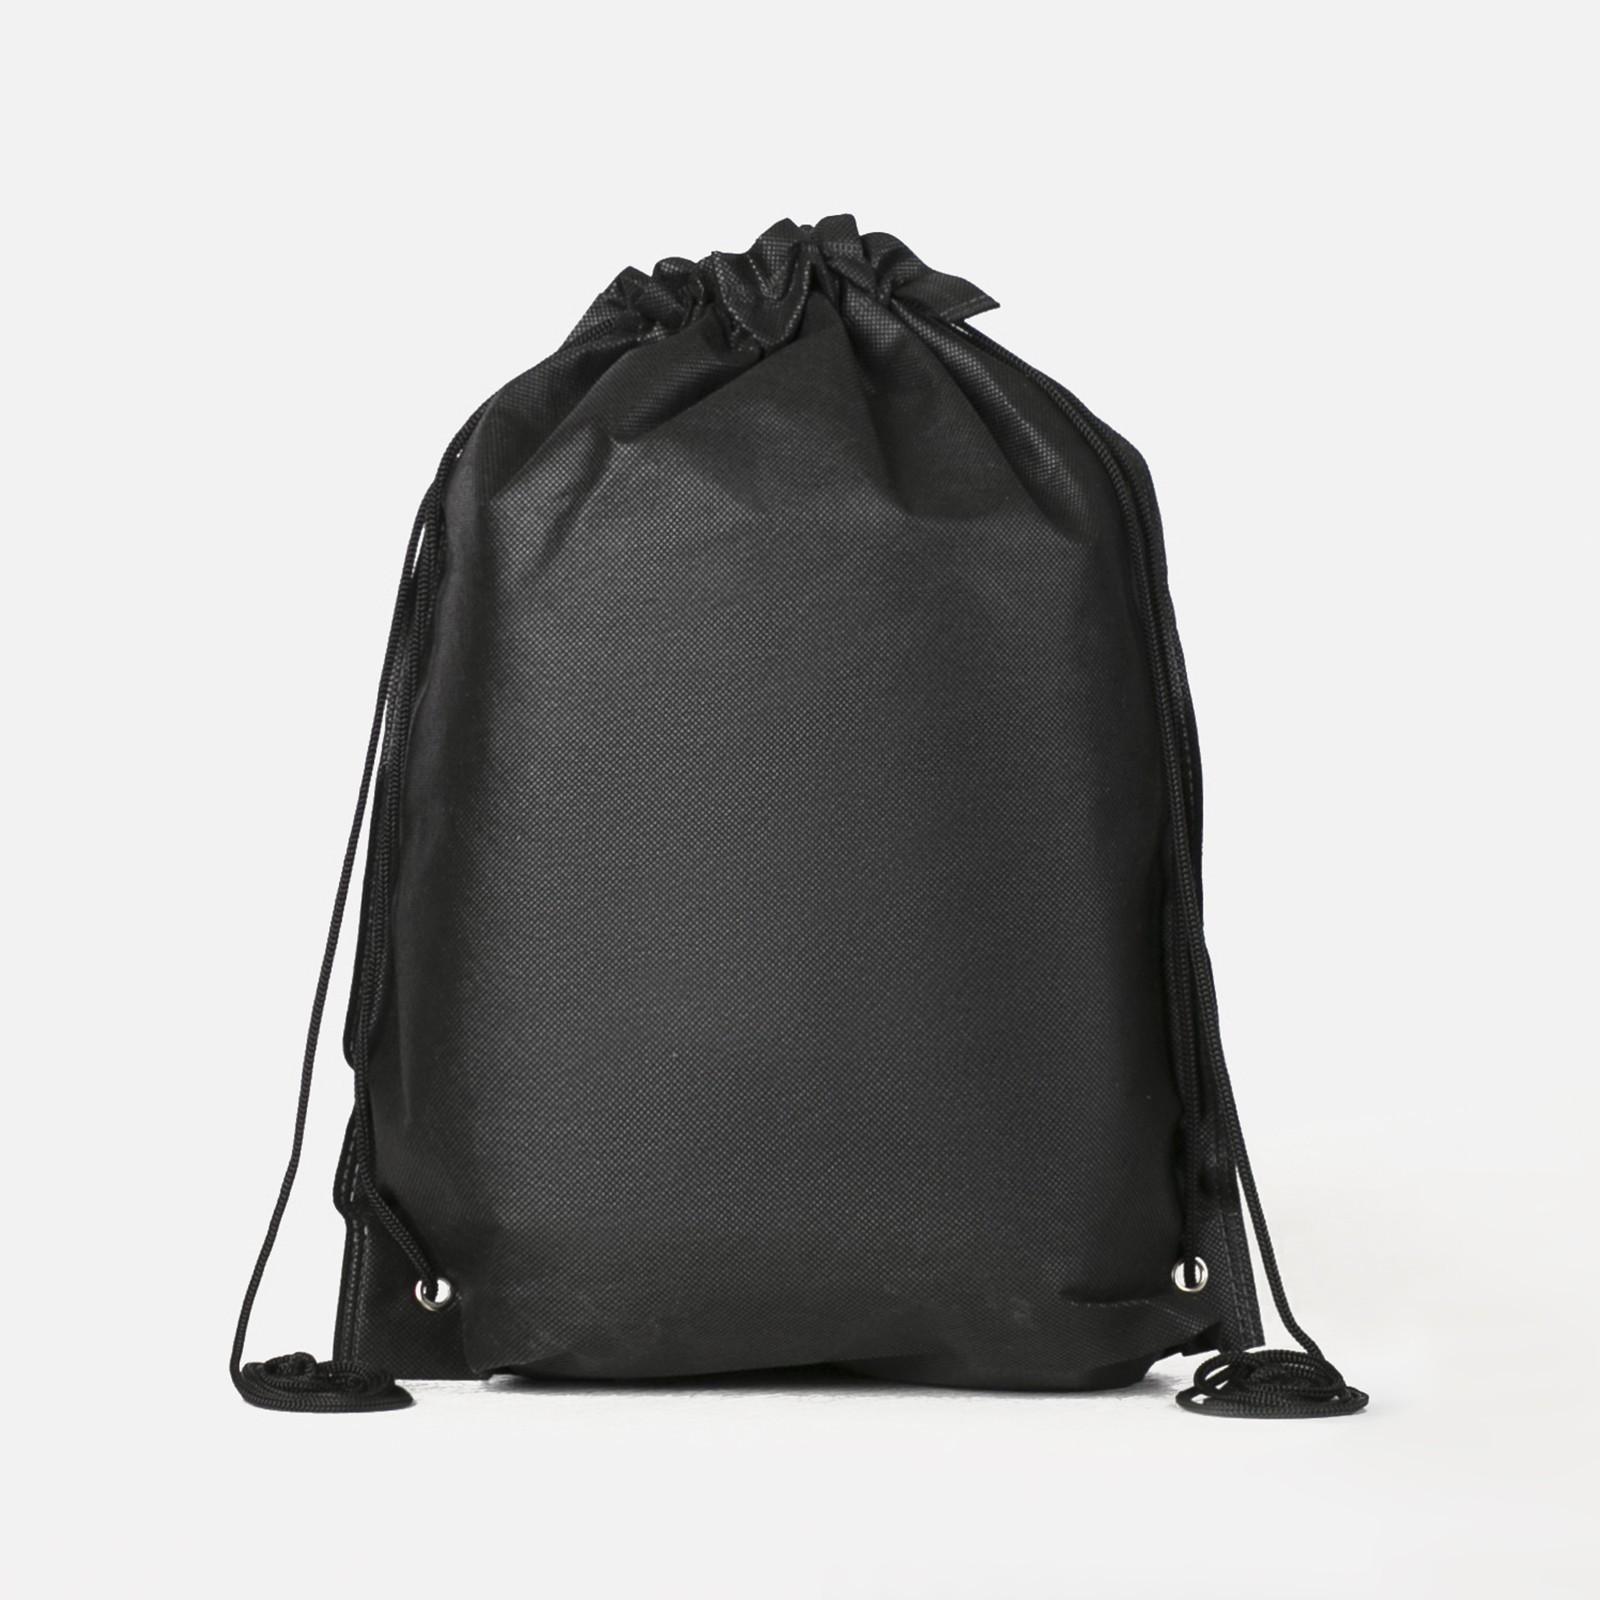 44669fd51f52 Мешок для обуви, отдел на шнурке, цвет чёрный (169313) - Купить по ...